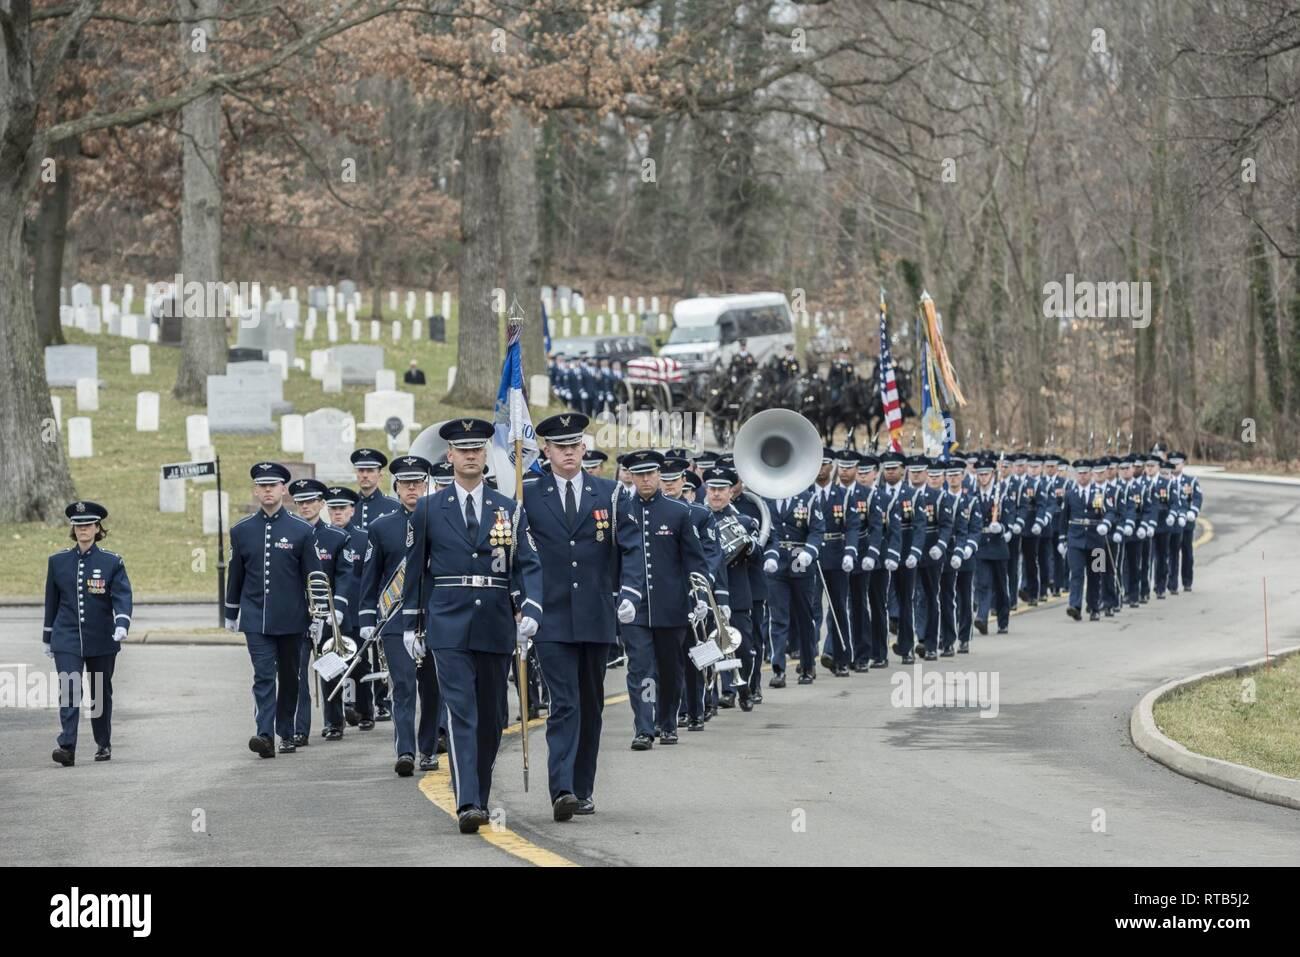 """Gli Stati Uniti Air Force onori Guardia, U.S. Air Force Band cerimoniale di ottone, e il 3D U.S. Reggimento di Fanteria (la vecchia guardia) cassettone plotone militare condotta onoranze funebri con escort PER GLI STATI UNITI Air Force Il Mag. Gen. (Ret.) Marcelite Harris nella sezione 30 di Al Cimitero Nazionale di Arlington Arlington, Virginia, Febbraio 7, 2019. In 1965, Harris è stato commissione attraverso Officer Training School at Lackland Air Force Base in Texas. Ha svolto una serie di incarichi in seguito, che ha portato in molti """"primati"""" per le femmine e donne di colore in forza dell'aria. Harris è stato il primo aereo femmina maintena Immagini Stock"""